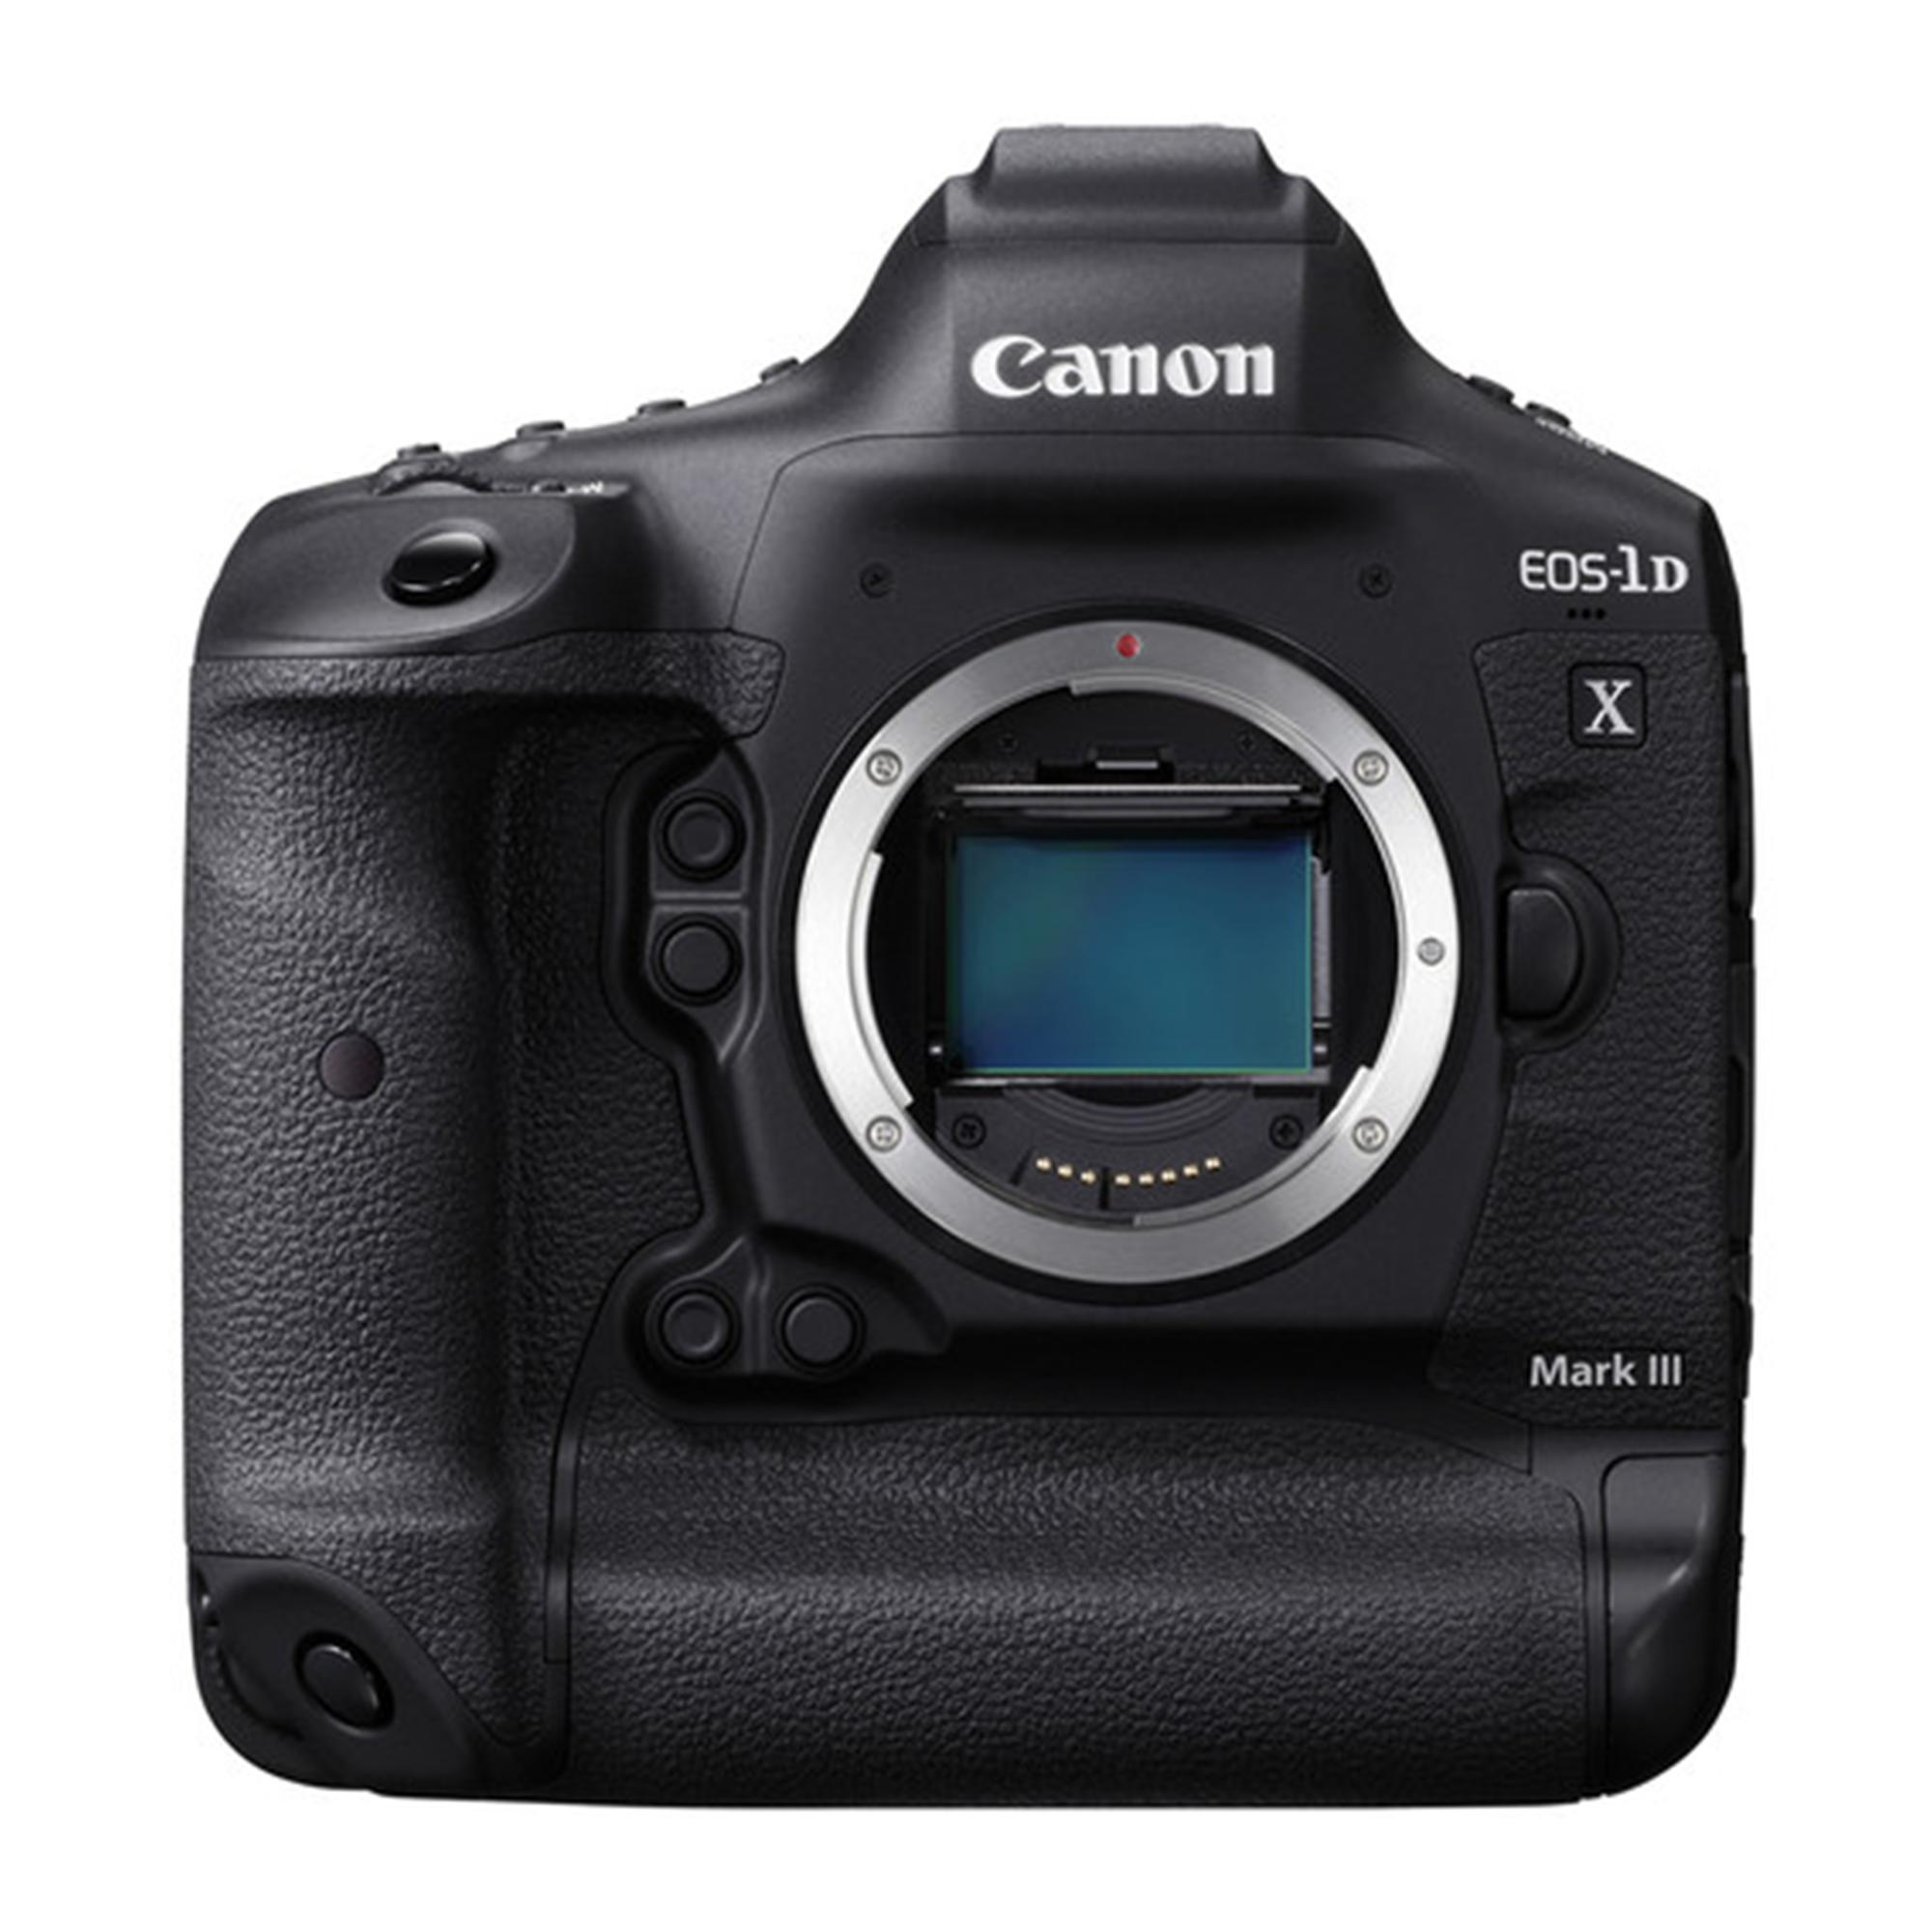 Canon EOS-1D X Mark III DSLR Camera - Body